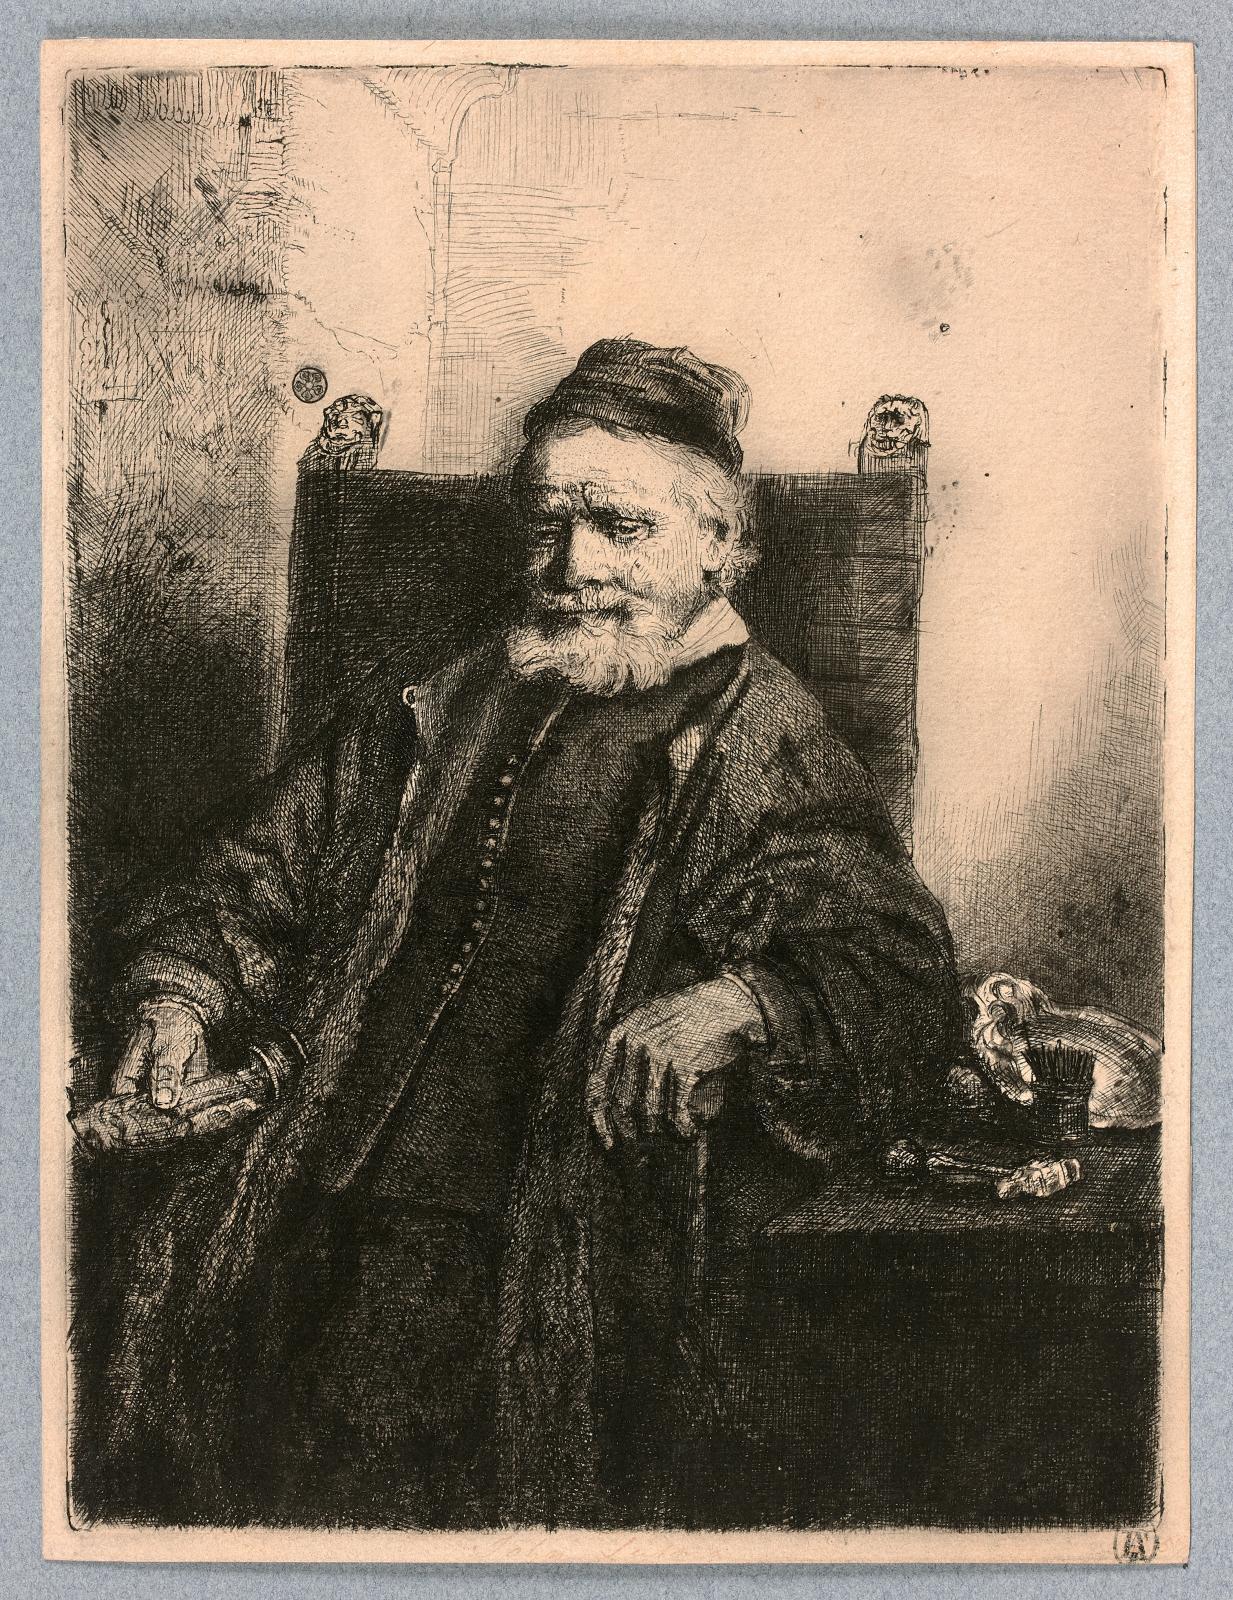 Rembrandt Van Rijn (1606-1669), Jan Lutma, orfèvre, 1656, eau-forteet pointe-sèche, épreuve du premier état (sur cinq), 19,8x15cm. Est